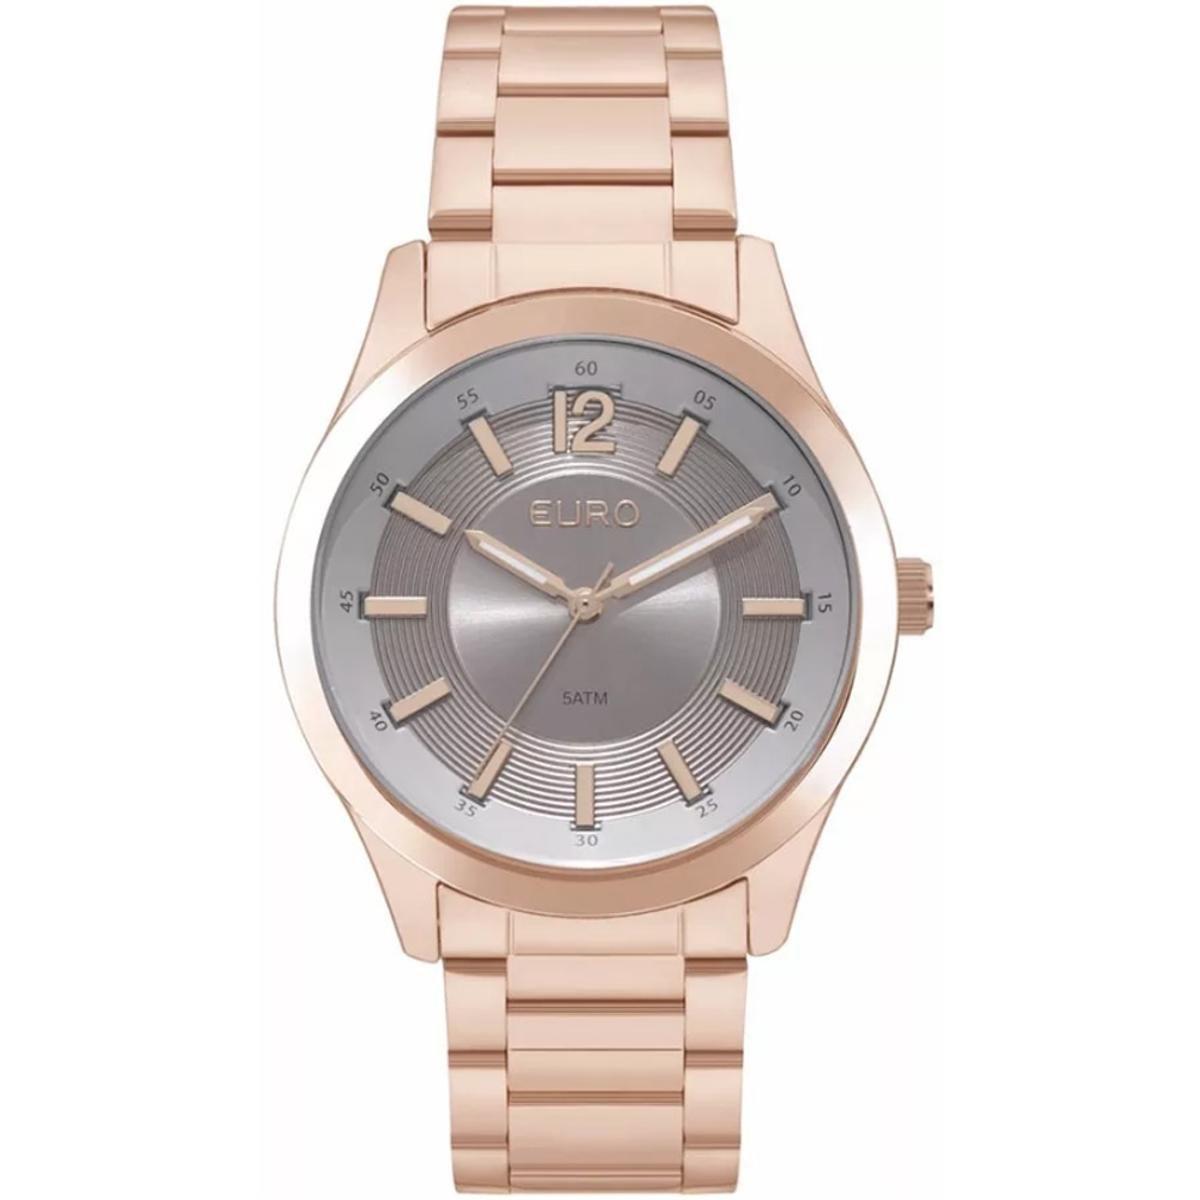 5cc73bdfe92 Relógio Euro Rosé Feminino EU2036YKX 4C - Relógios de Fábrica